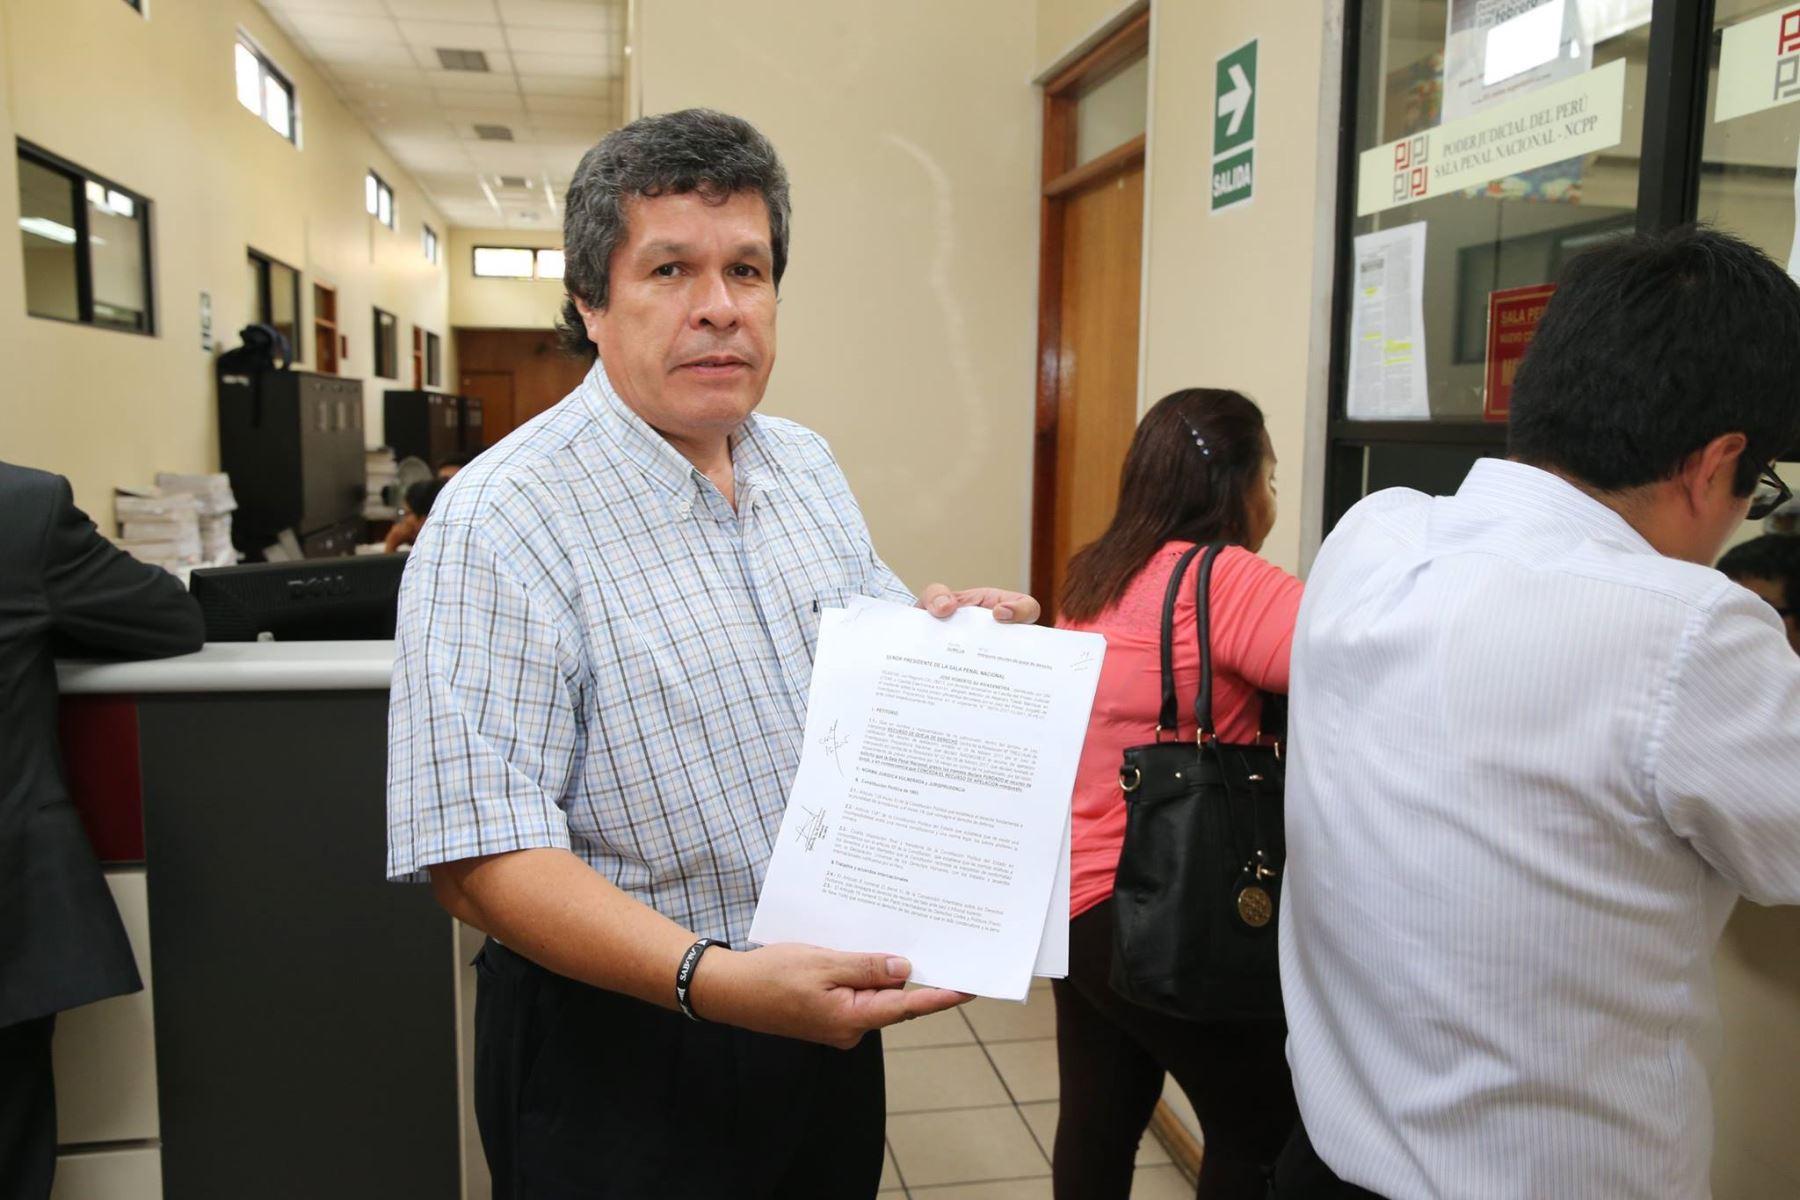 Heriberto Benítez, uno de los abogados de Toledo, asegura que existe una persecución contra su defendido. Hasta el momento, la defensa legal del exmandatario solo ha tenido reveses.